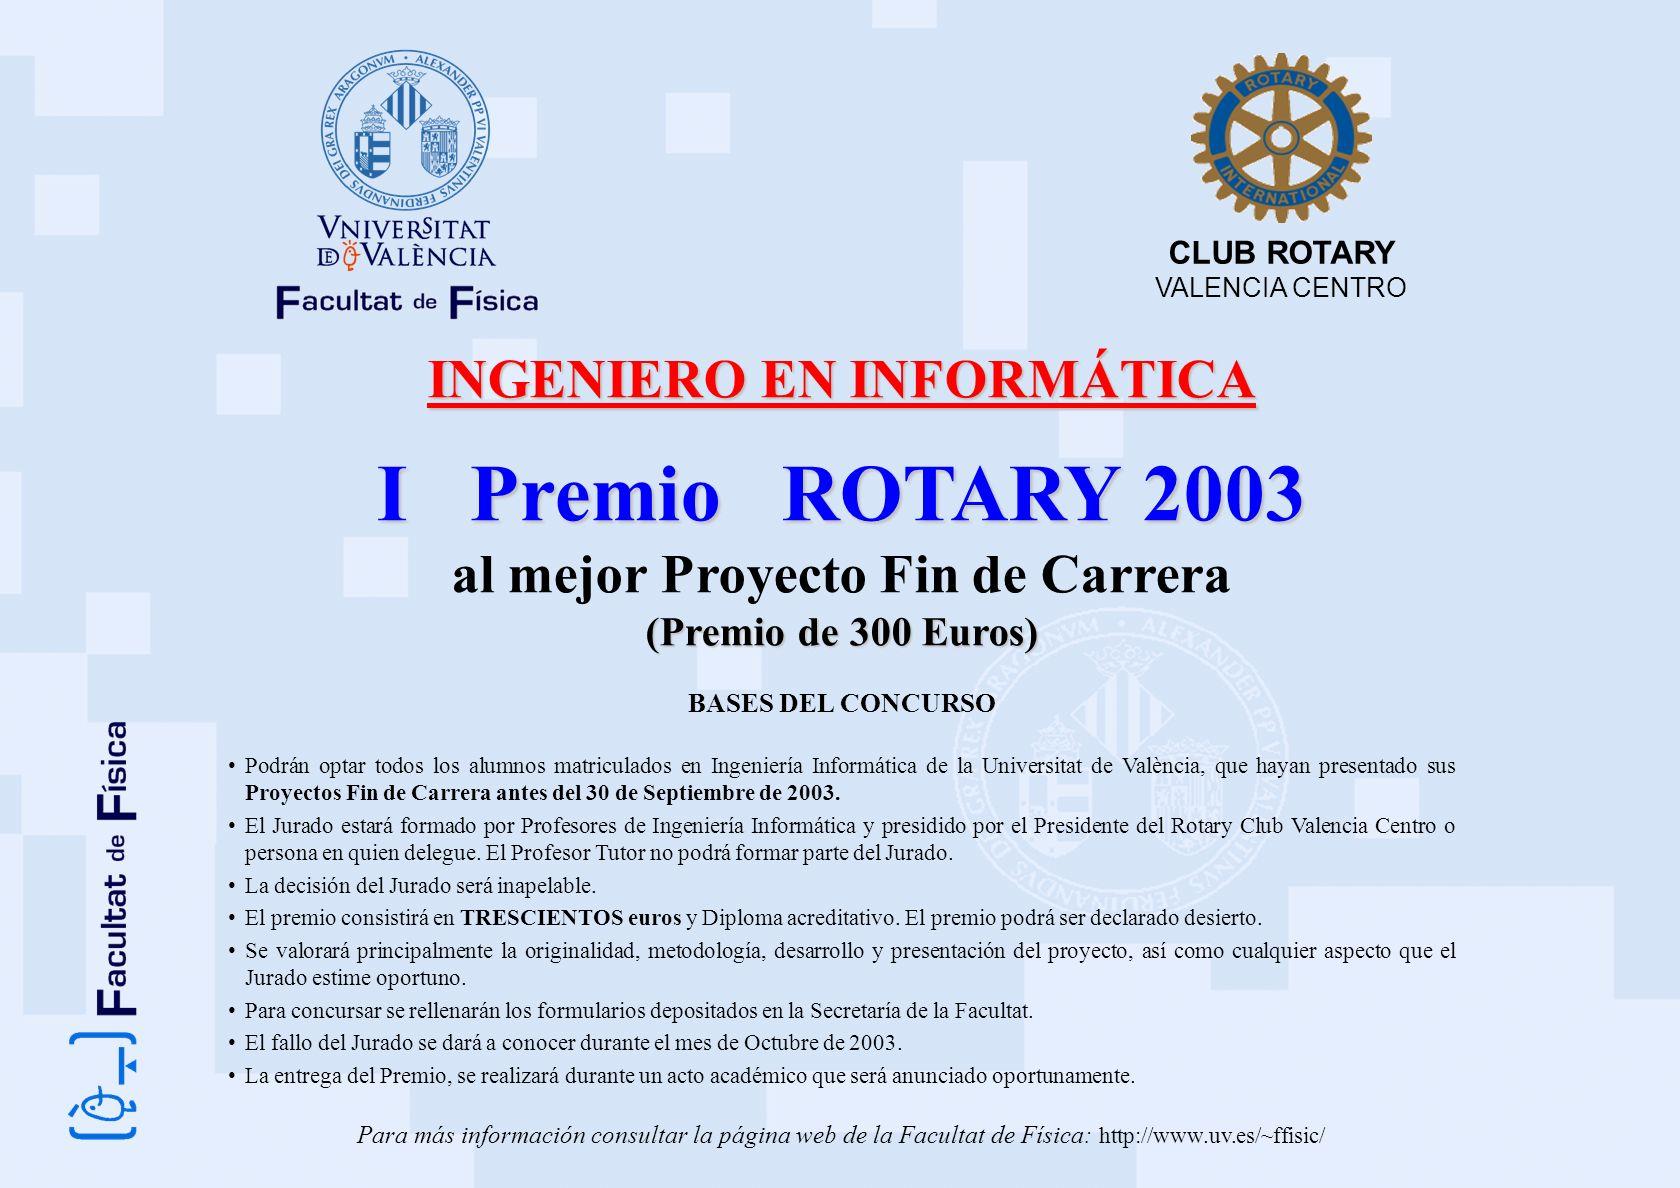 INGENIERO EN INFORMÁTICA I Premio ROTARY 2003 al mejor Proyecto Fin de Carrera (Premio de 300 Euros) BASES DEL CONCURSO Podrán optar todos los alumnos